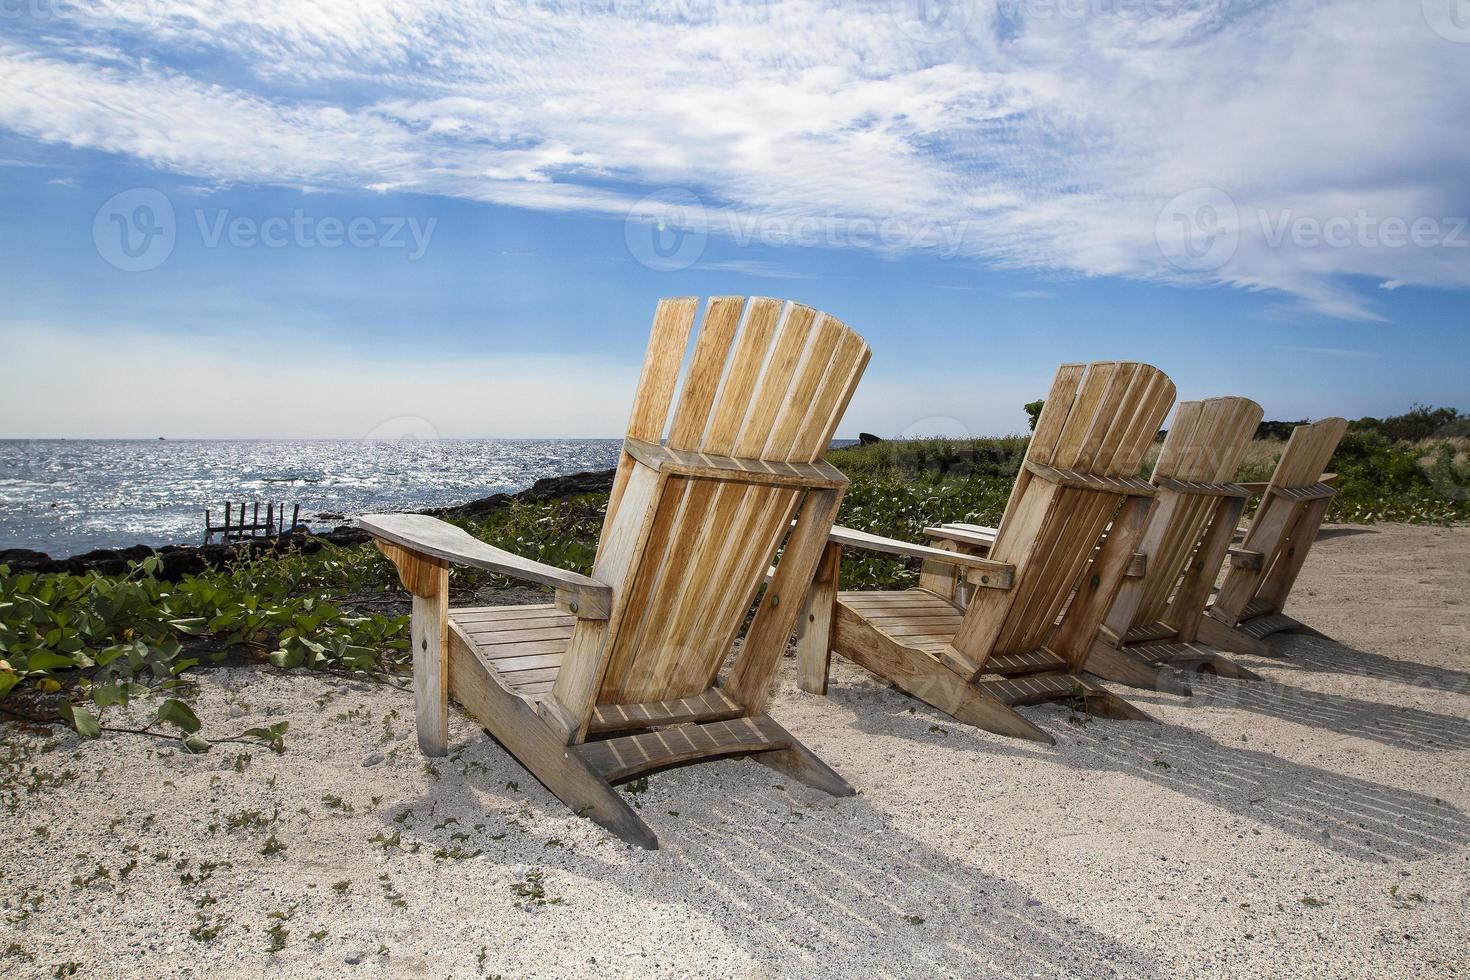 Adirondack Chairs at the Beach photo